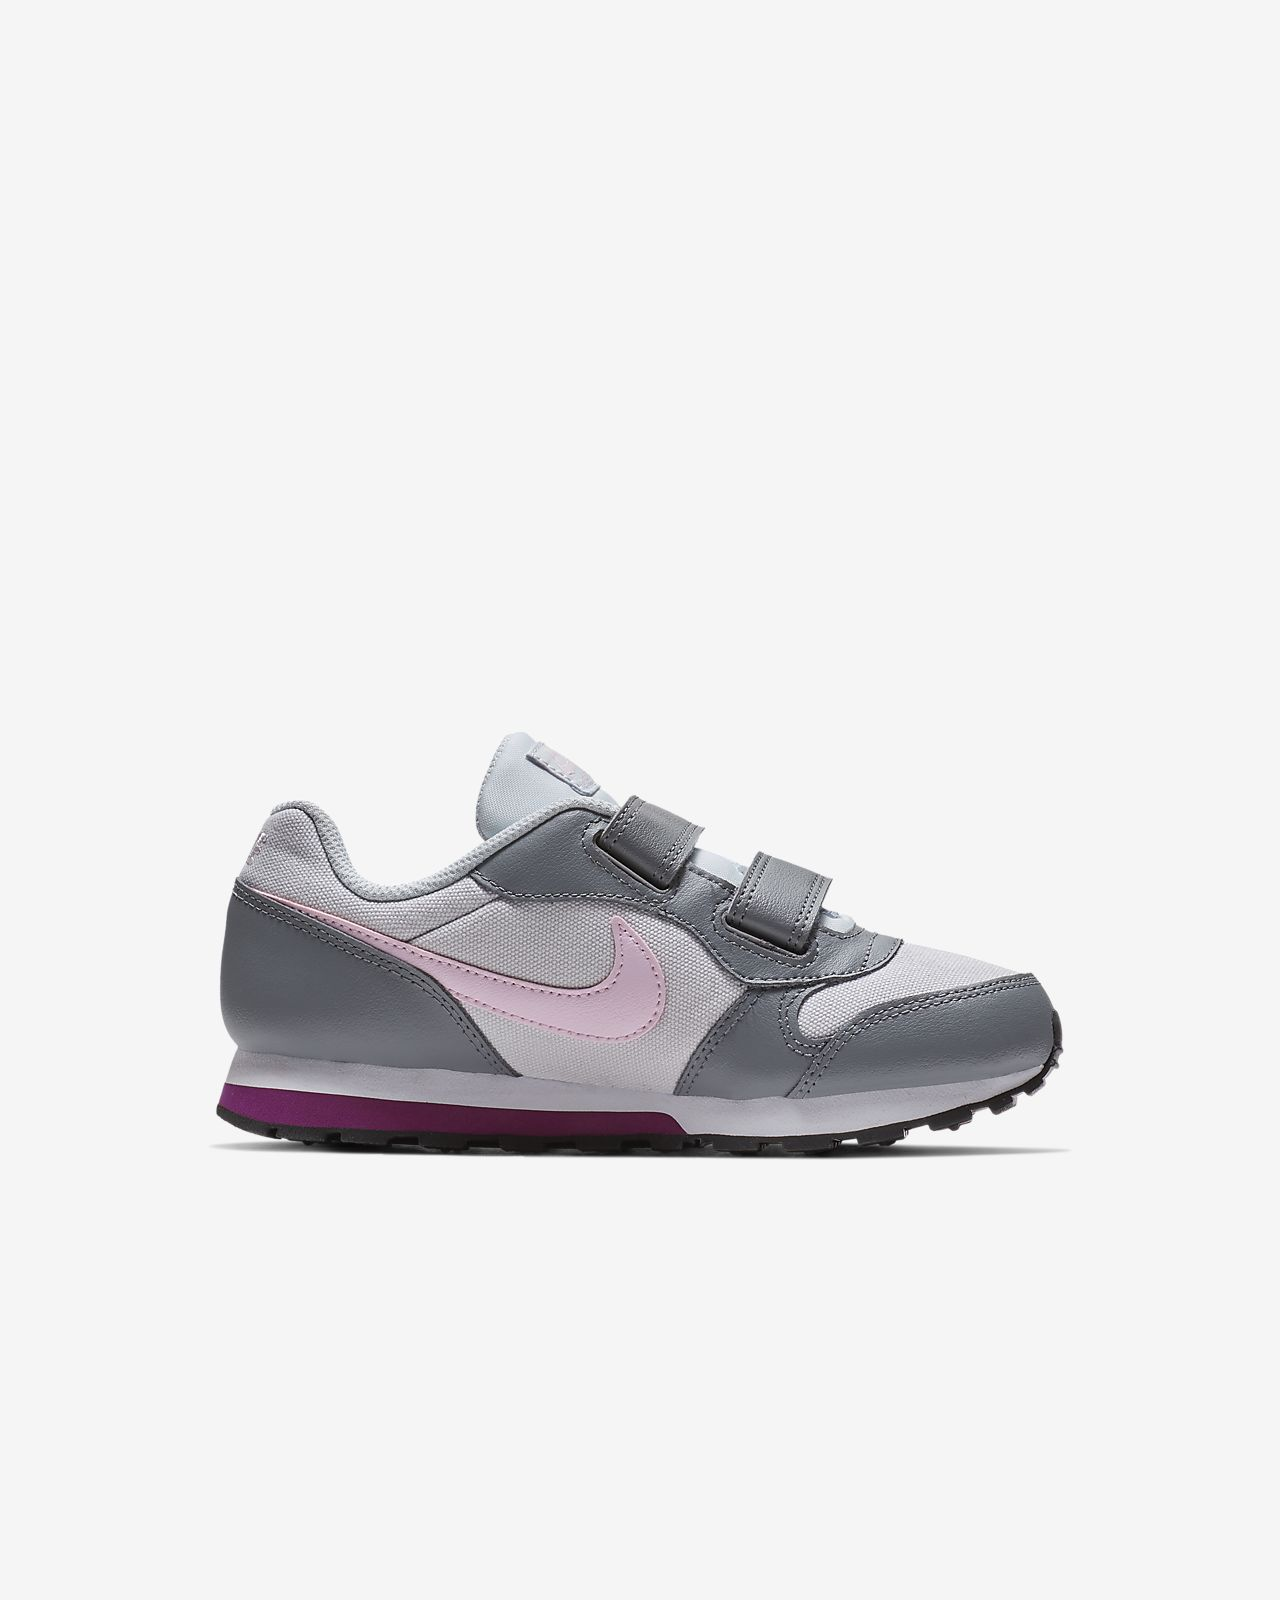 Nike MD Runner 2 Zapatillas - Niño a pequeño a. Nike.com ES 375cdae19e0ed